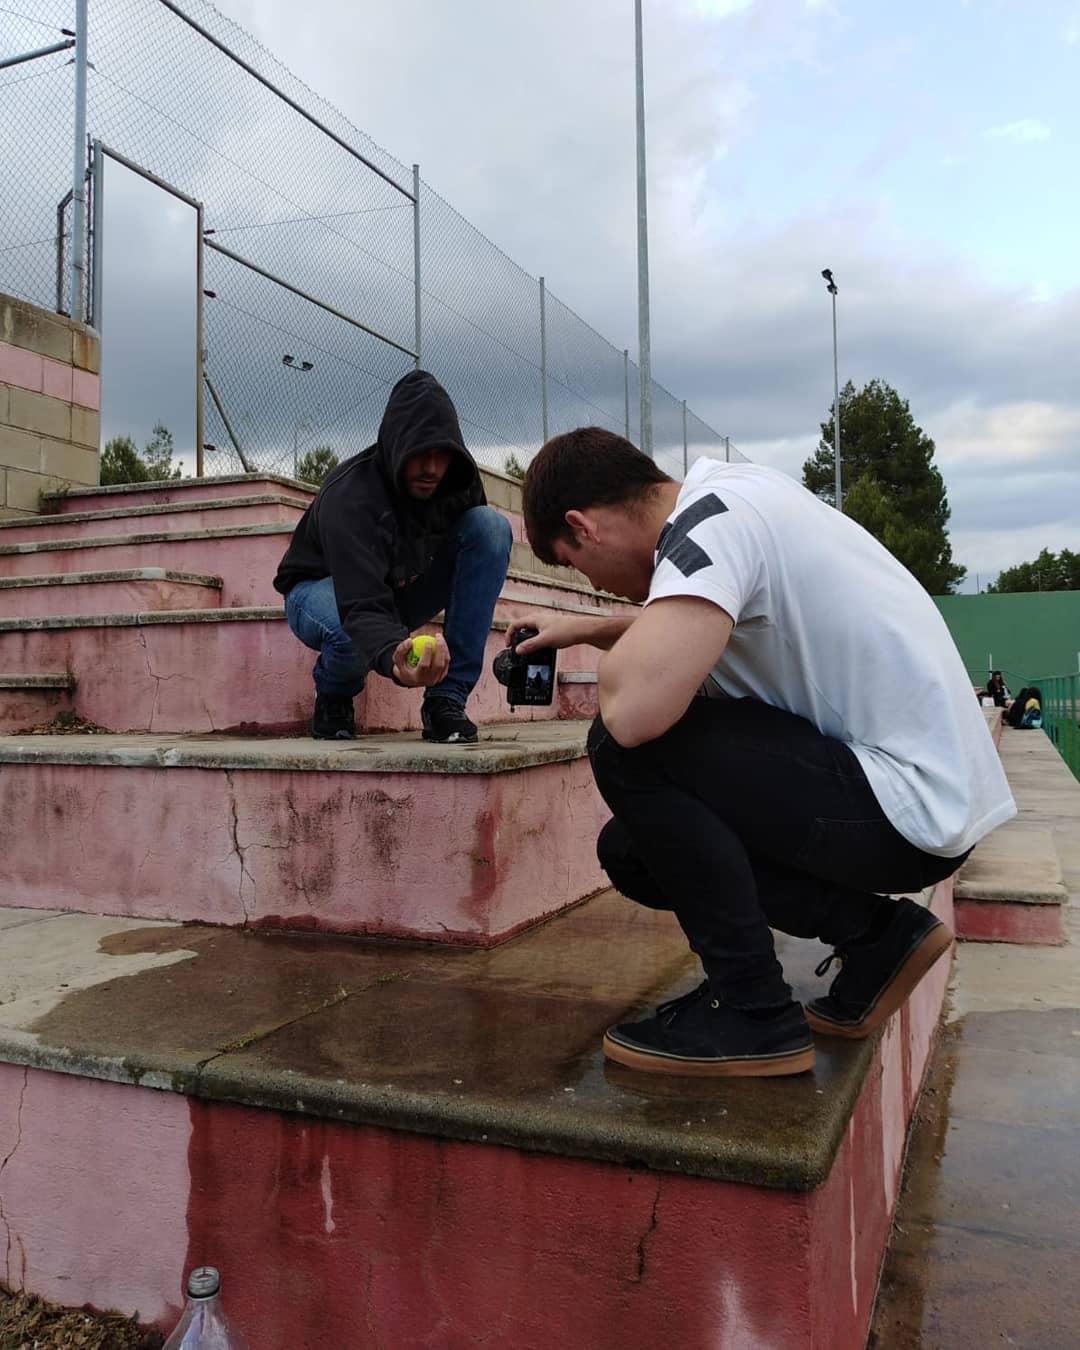 60662547 106978447211495 8964219135144420082 n - 12 ловких трюков от фотографа из Барселоны, которые помогут сделать ваши снимки ещё более эффектными